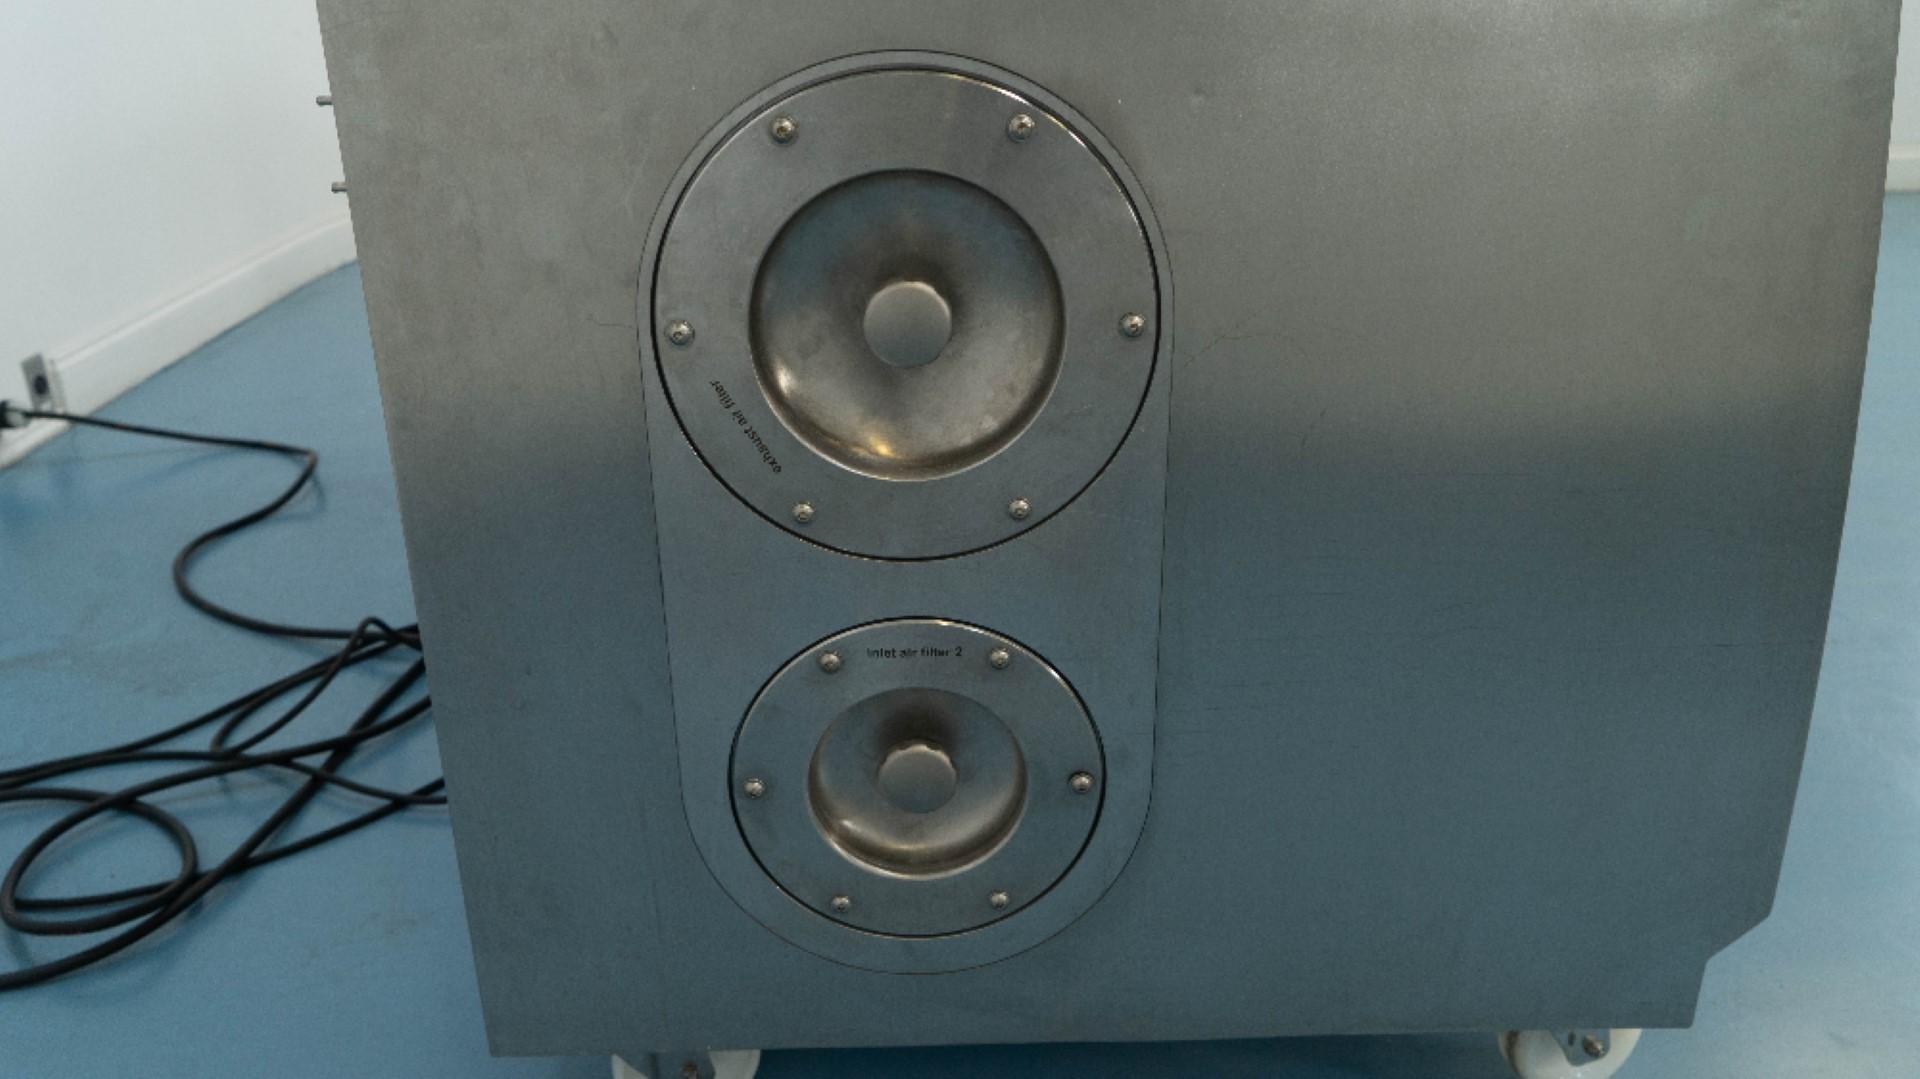 Glatt GPCG 2 Fluid Bed Dryer, S/S